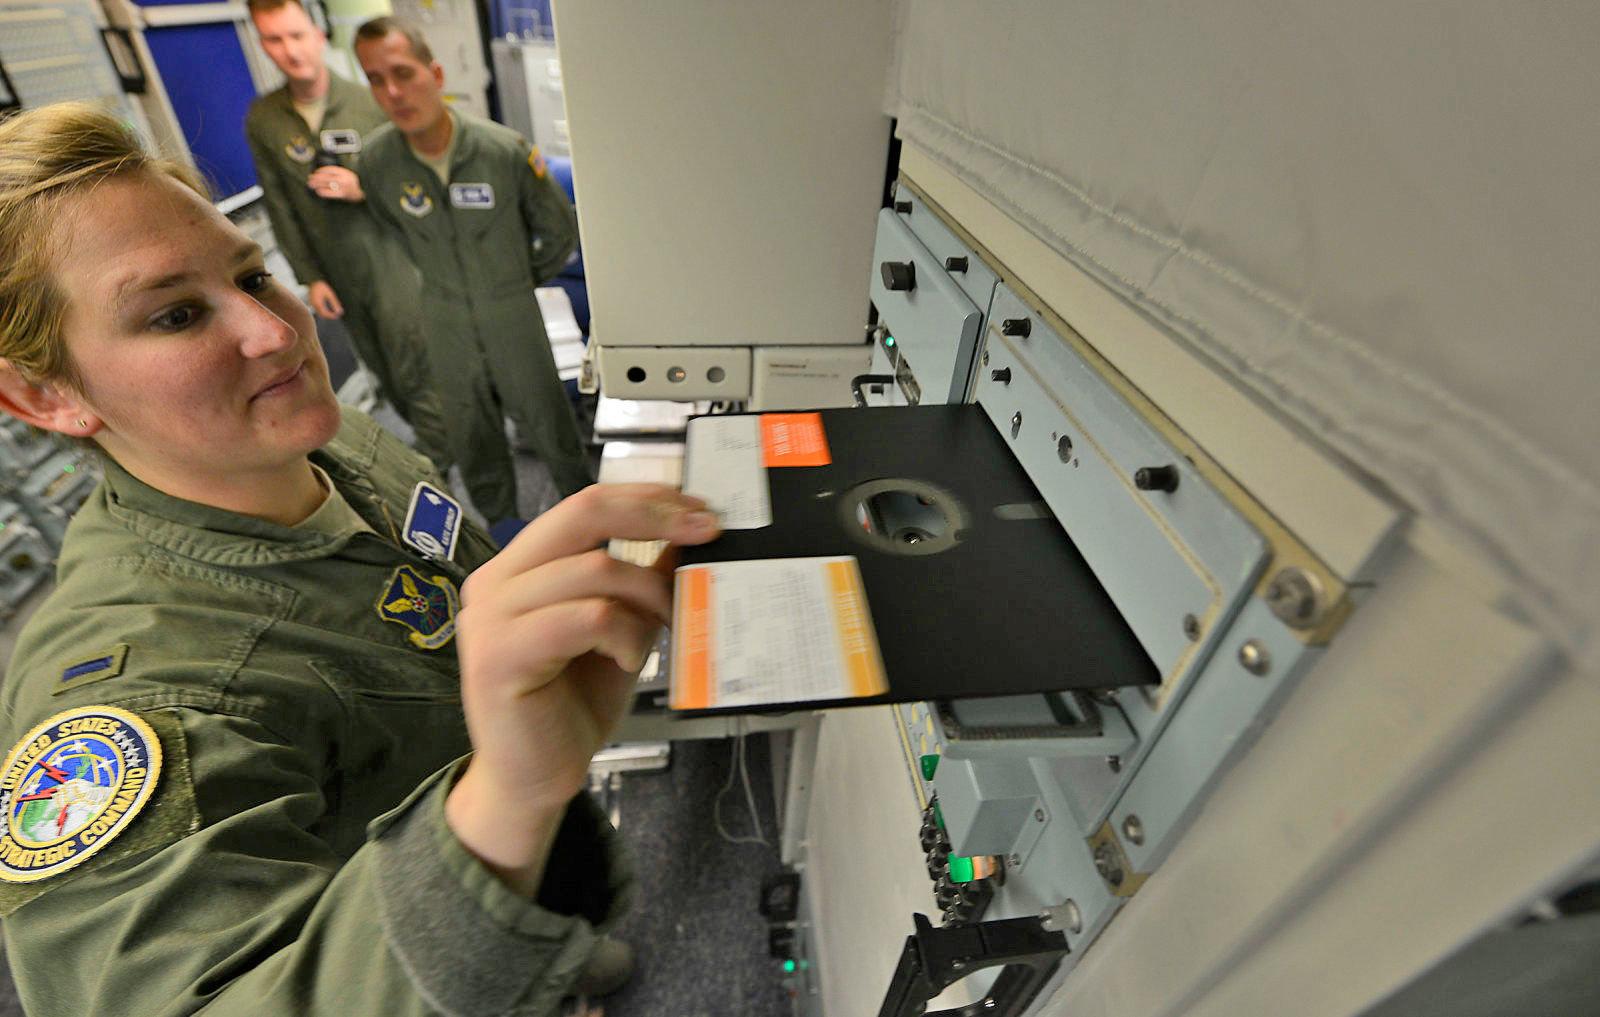 L'esercito americano non userà più i floppy disk per gli ordini di lancio delle testate nucleari